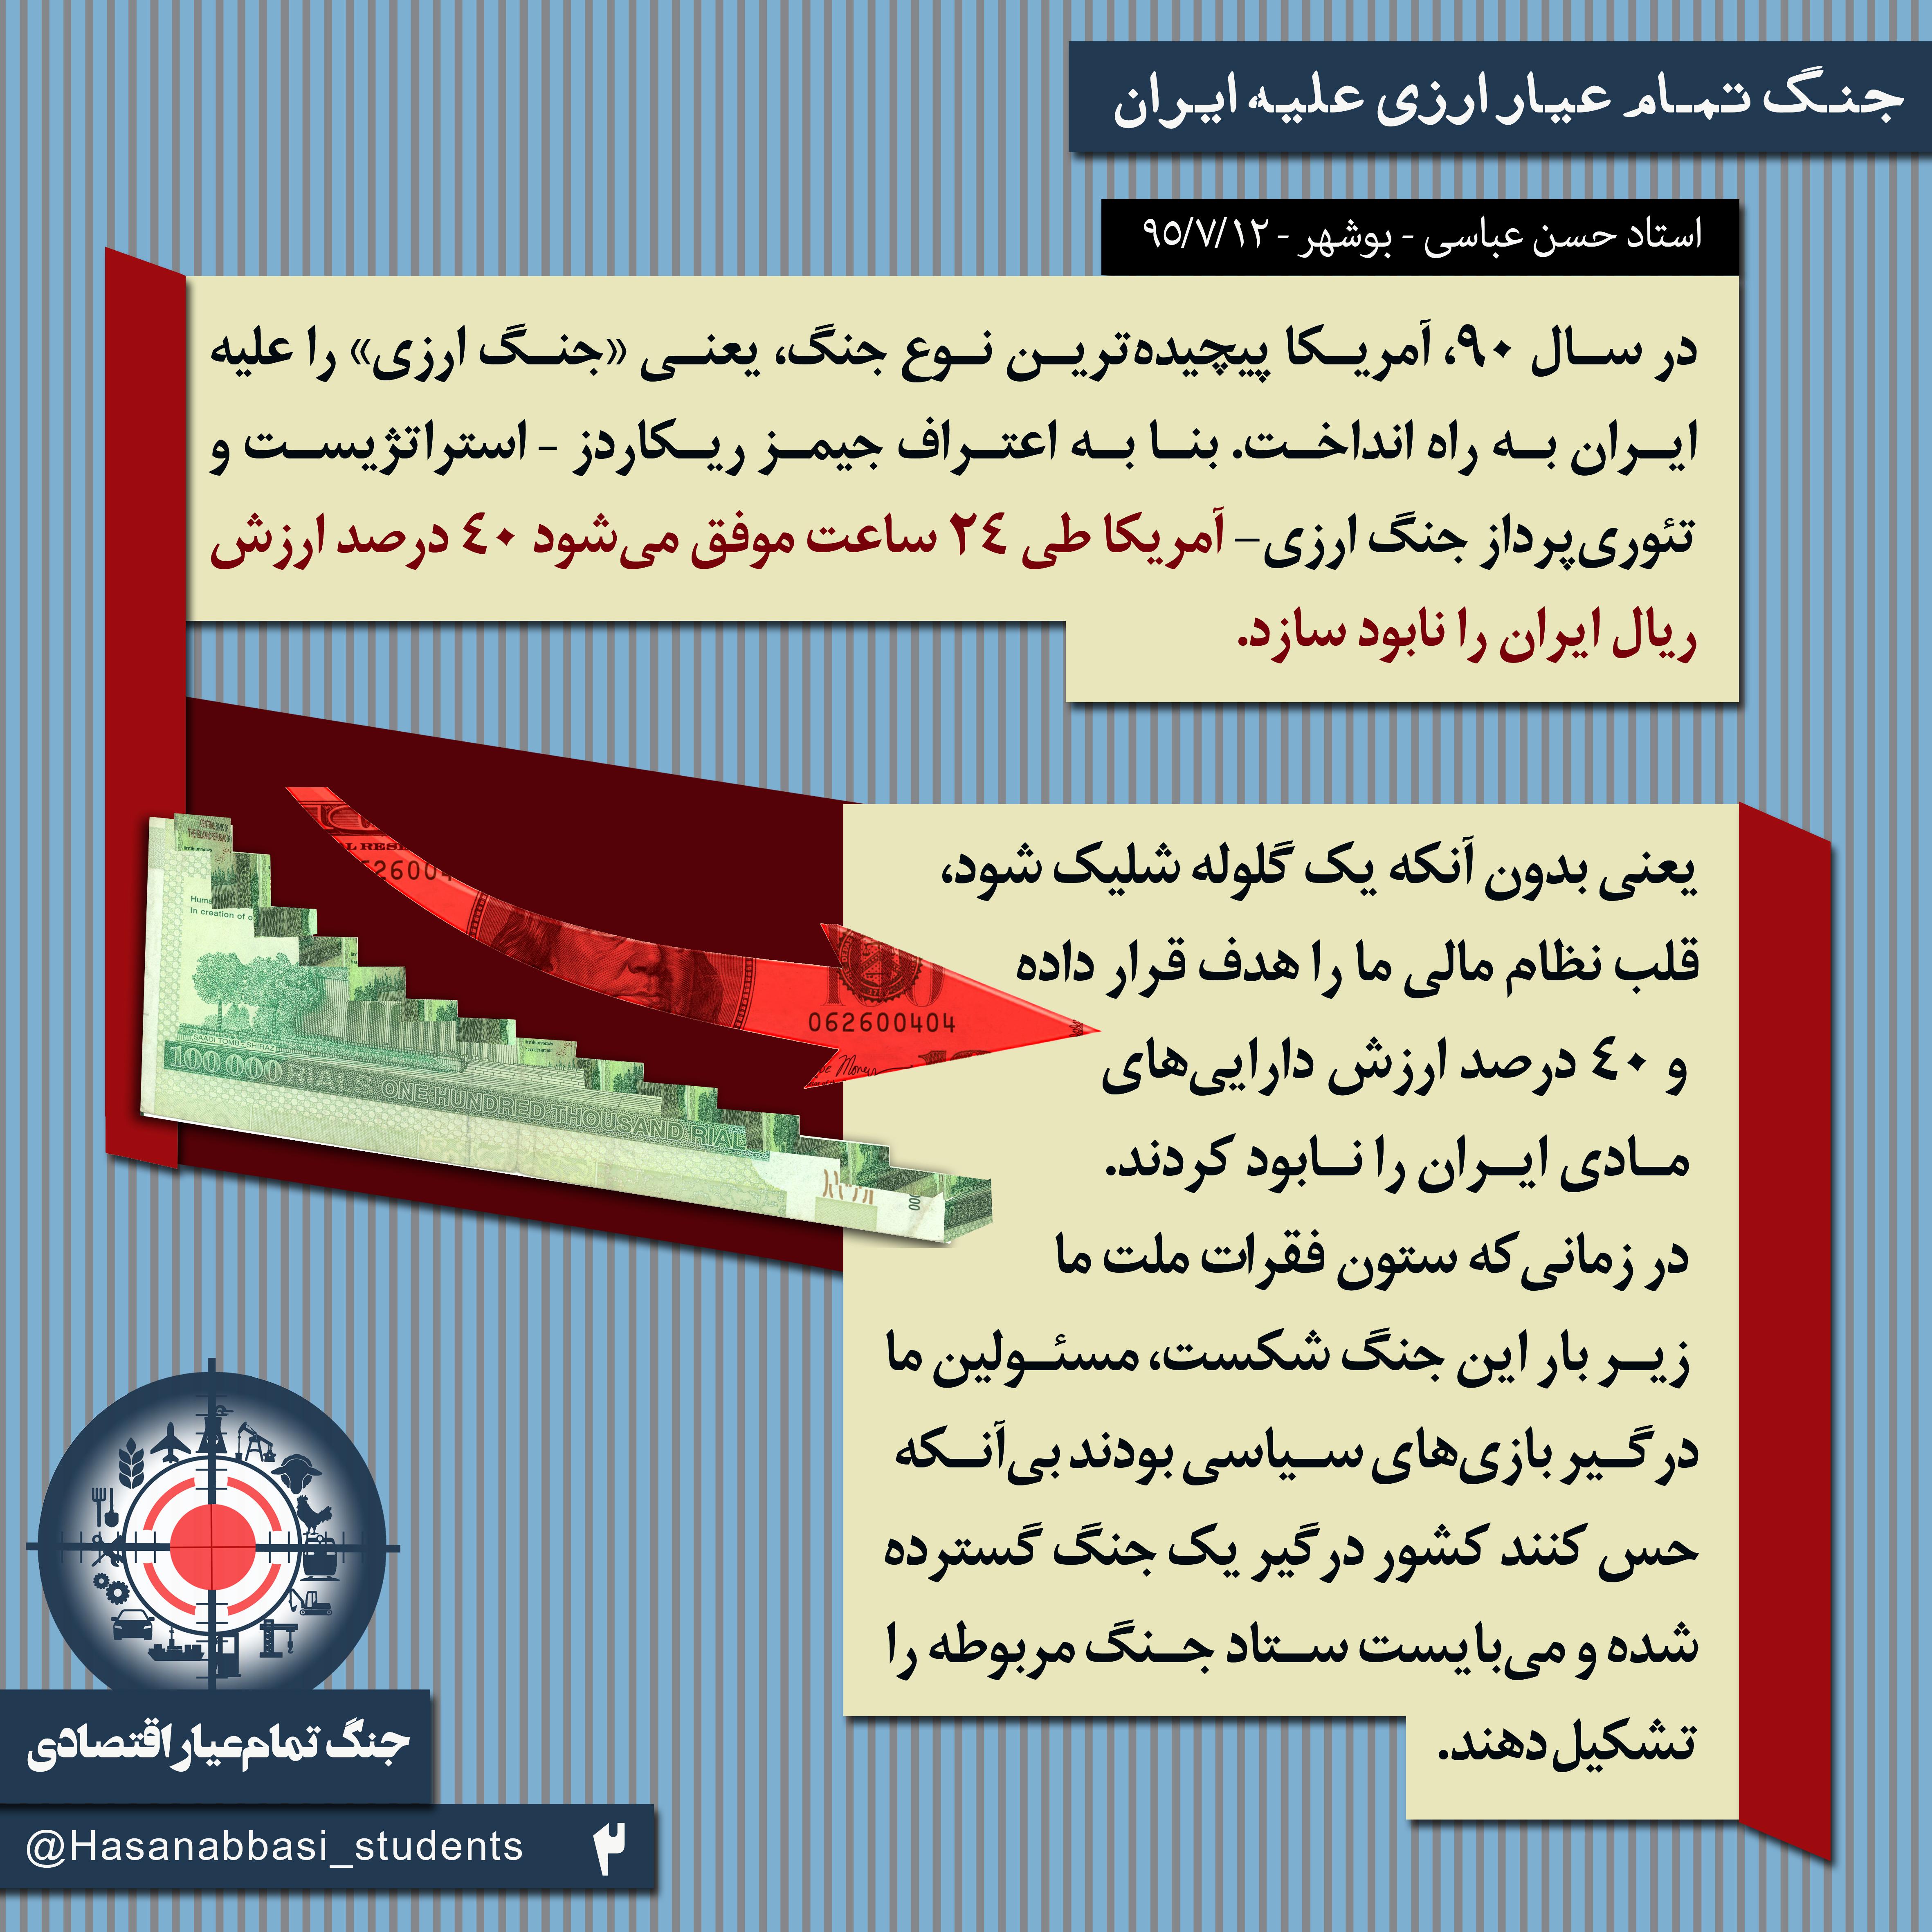 جنگ تمام عیار ارزی علیه ایران - جنگ تمام عیار اقتصادی - 2